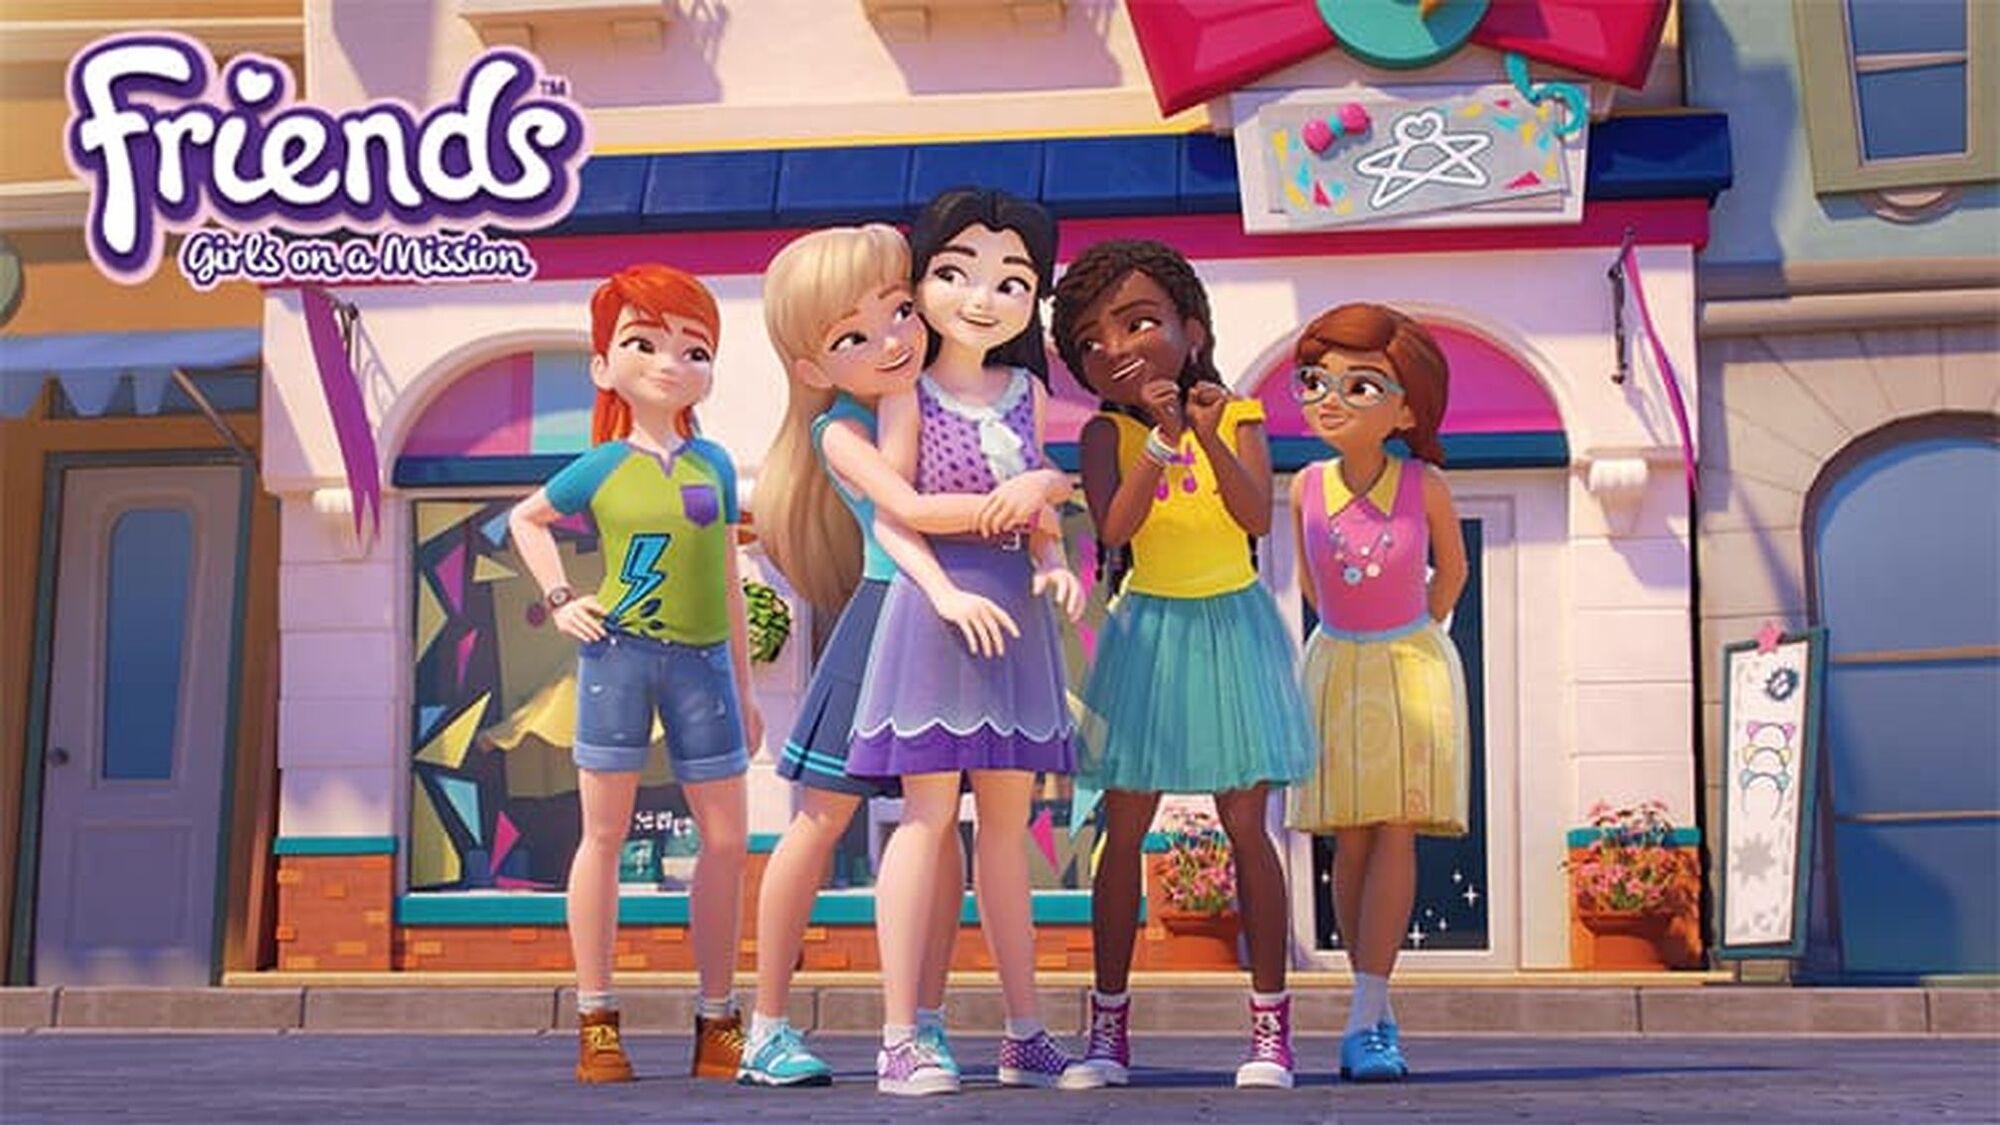 Lego Friends: Girls on a Mission   KidsClick Wiki   Fandom